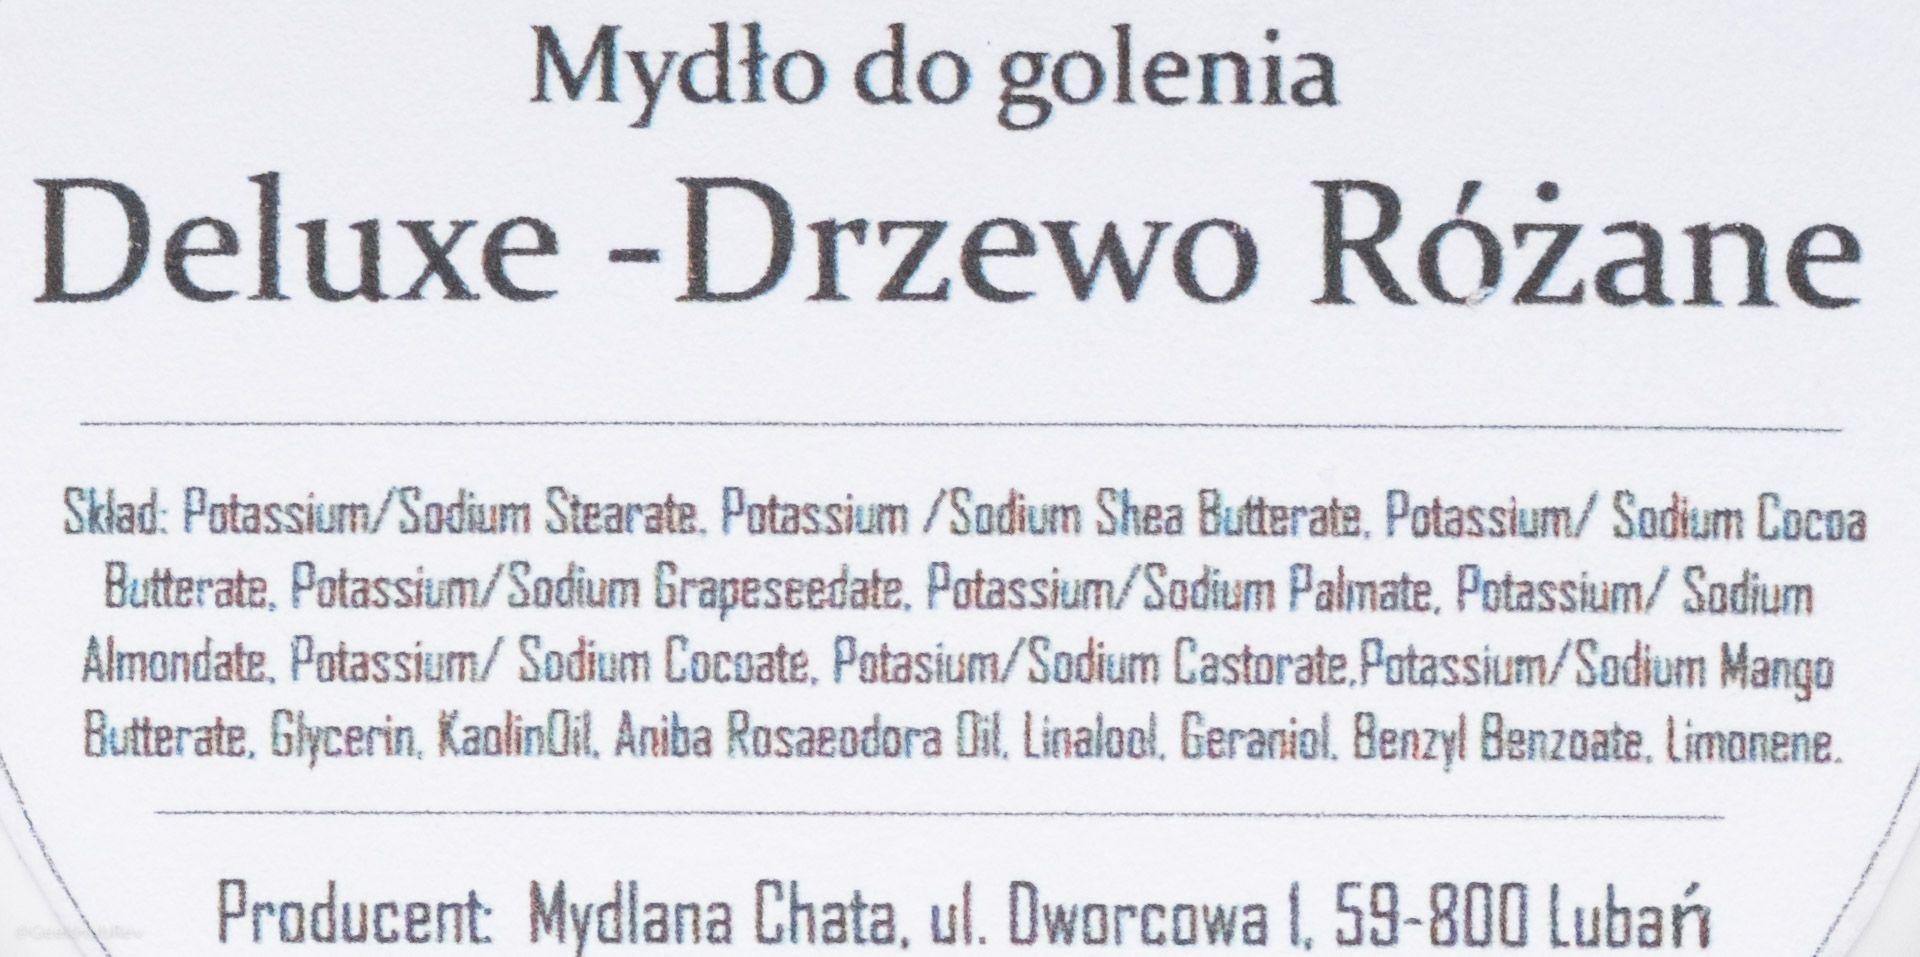 Skład mydła do golenia Mydlana Chata Drzewo Różane